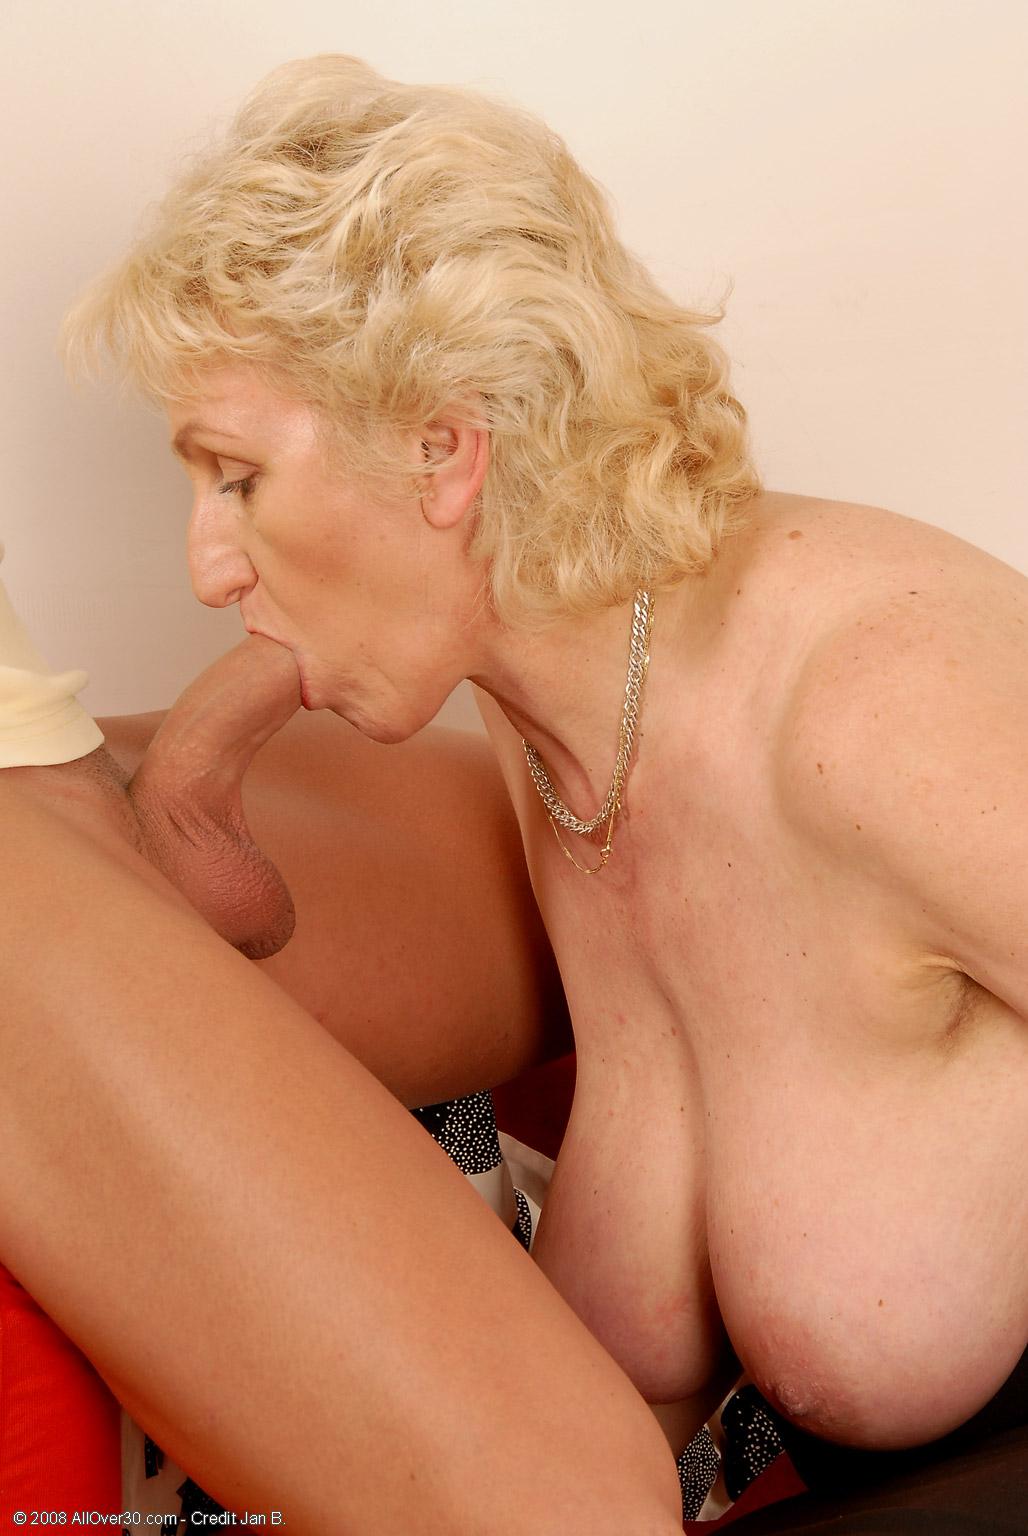 Granny mar hot - 1 part 1